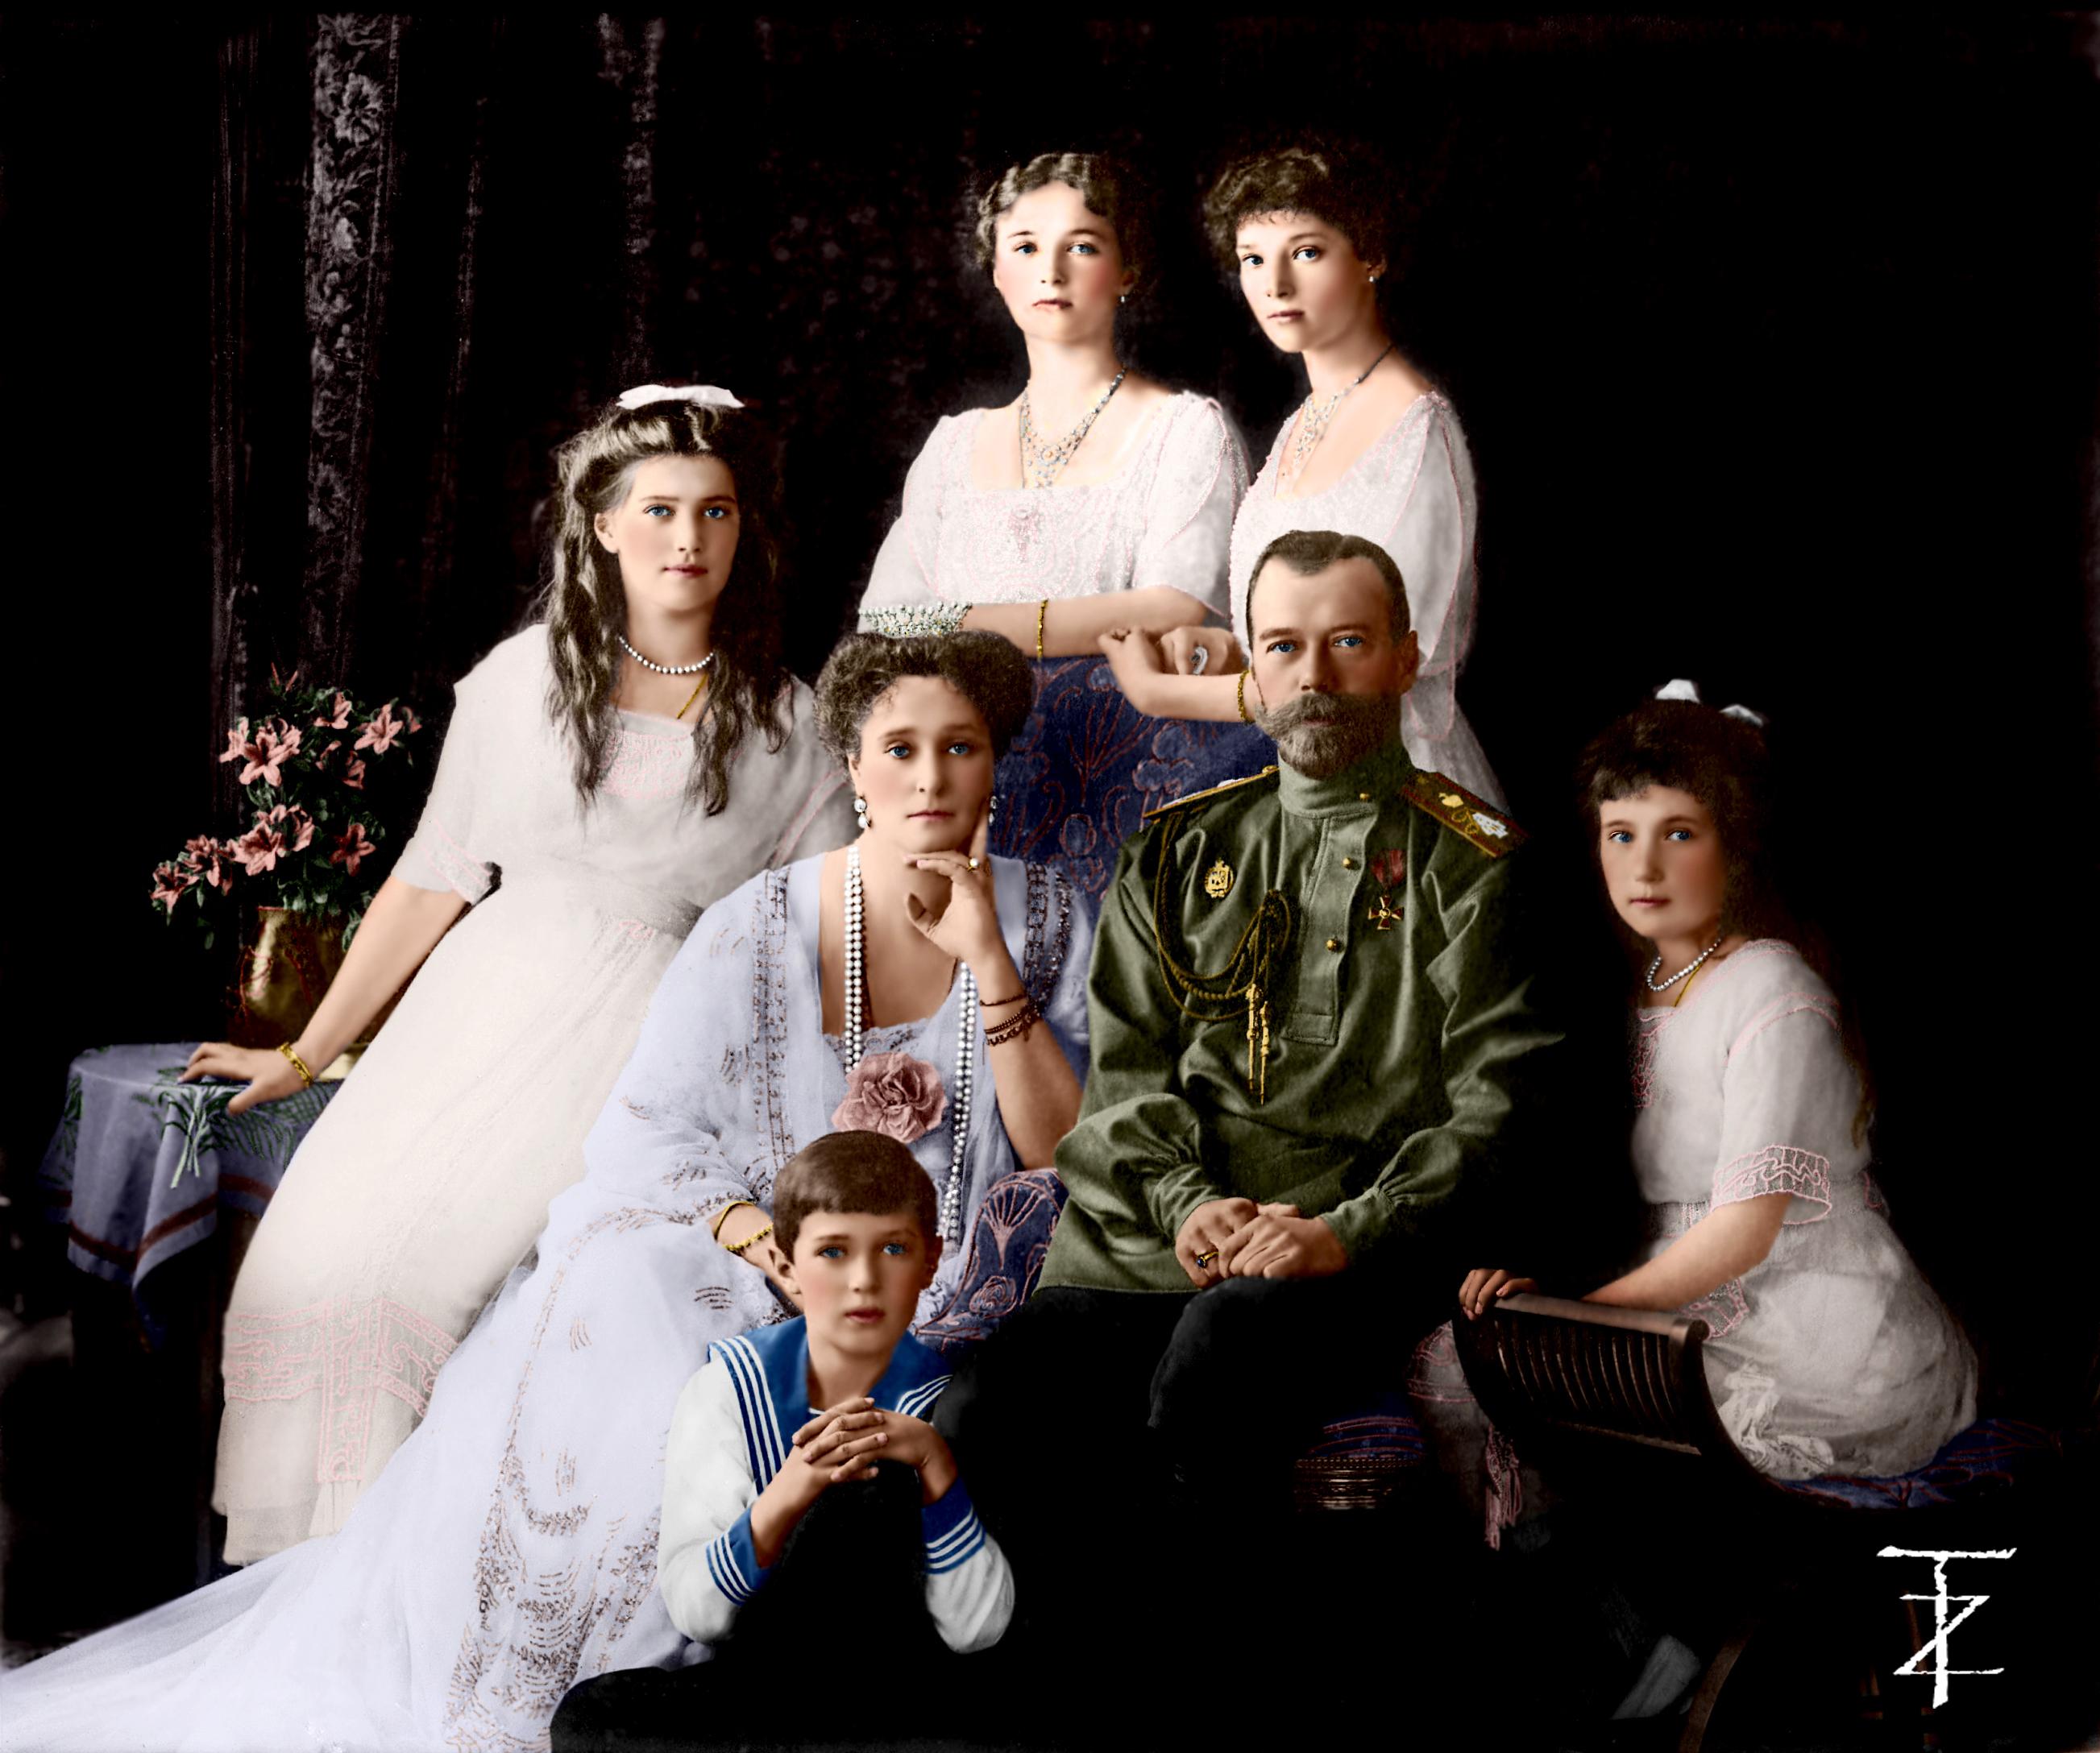 вашему картинки фото царских семей балкон предусмотрен